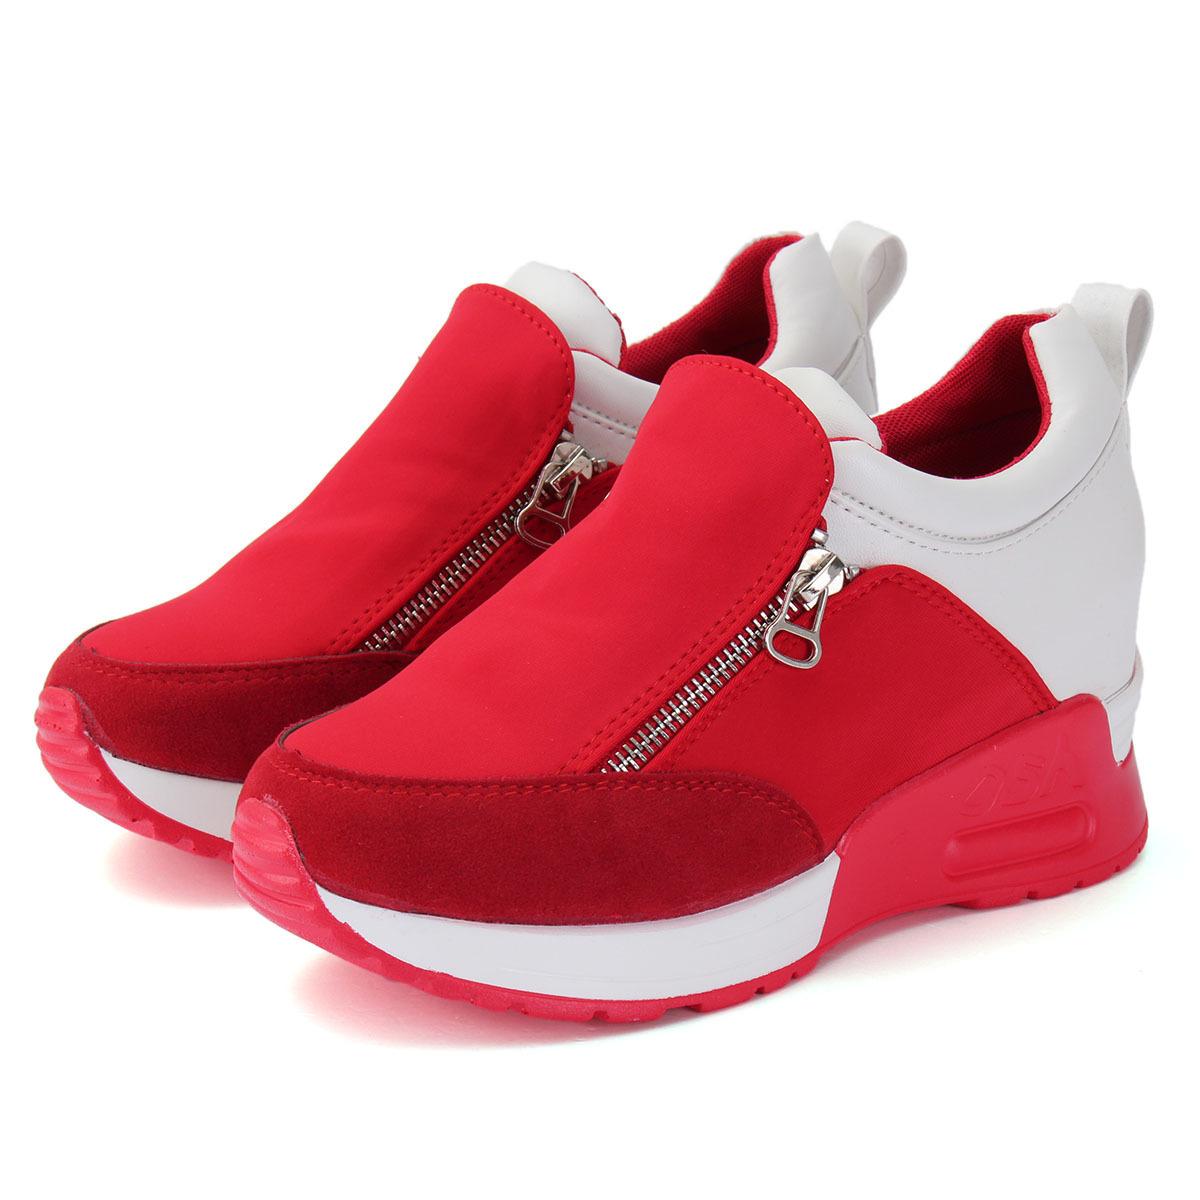 Kualitas Wanita Sepatu Kets Sepatu Olahraga Kode Pos Baji Tersembunyi Hak Oem